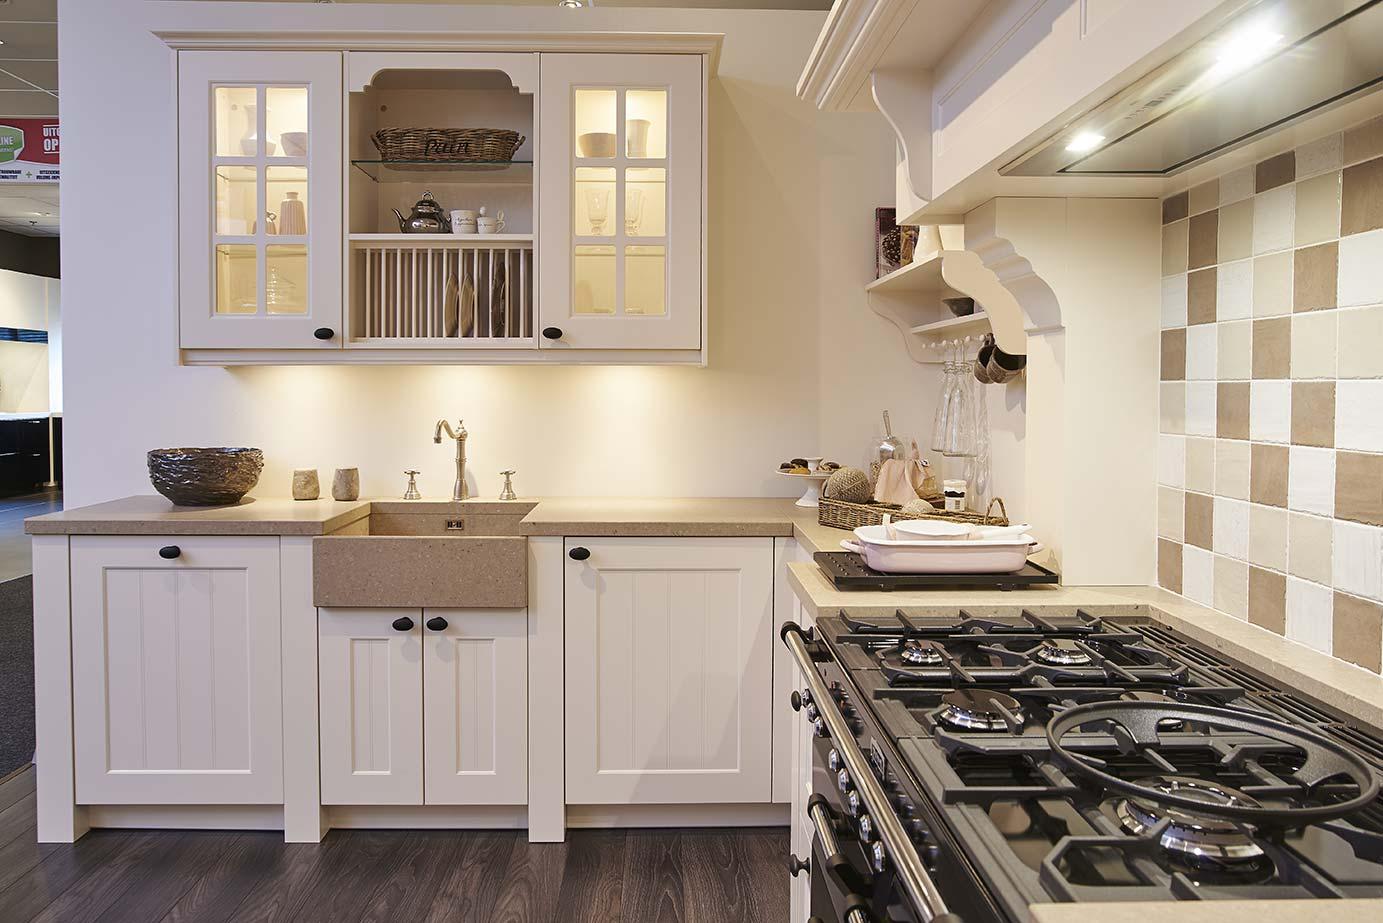 3d keuken beira hoekkeuken ~ lactate for ., Deco ideeën